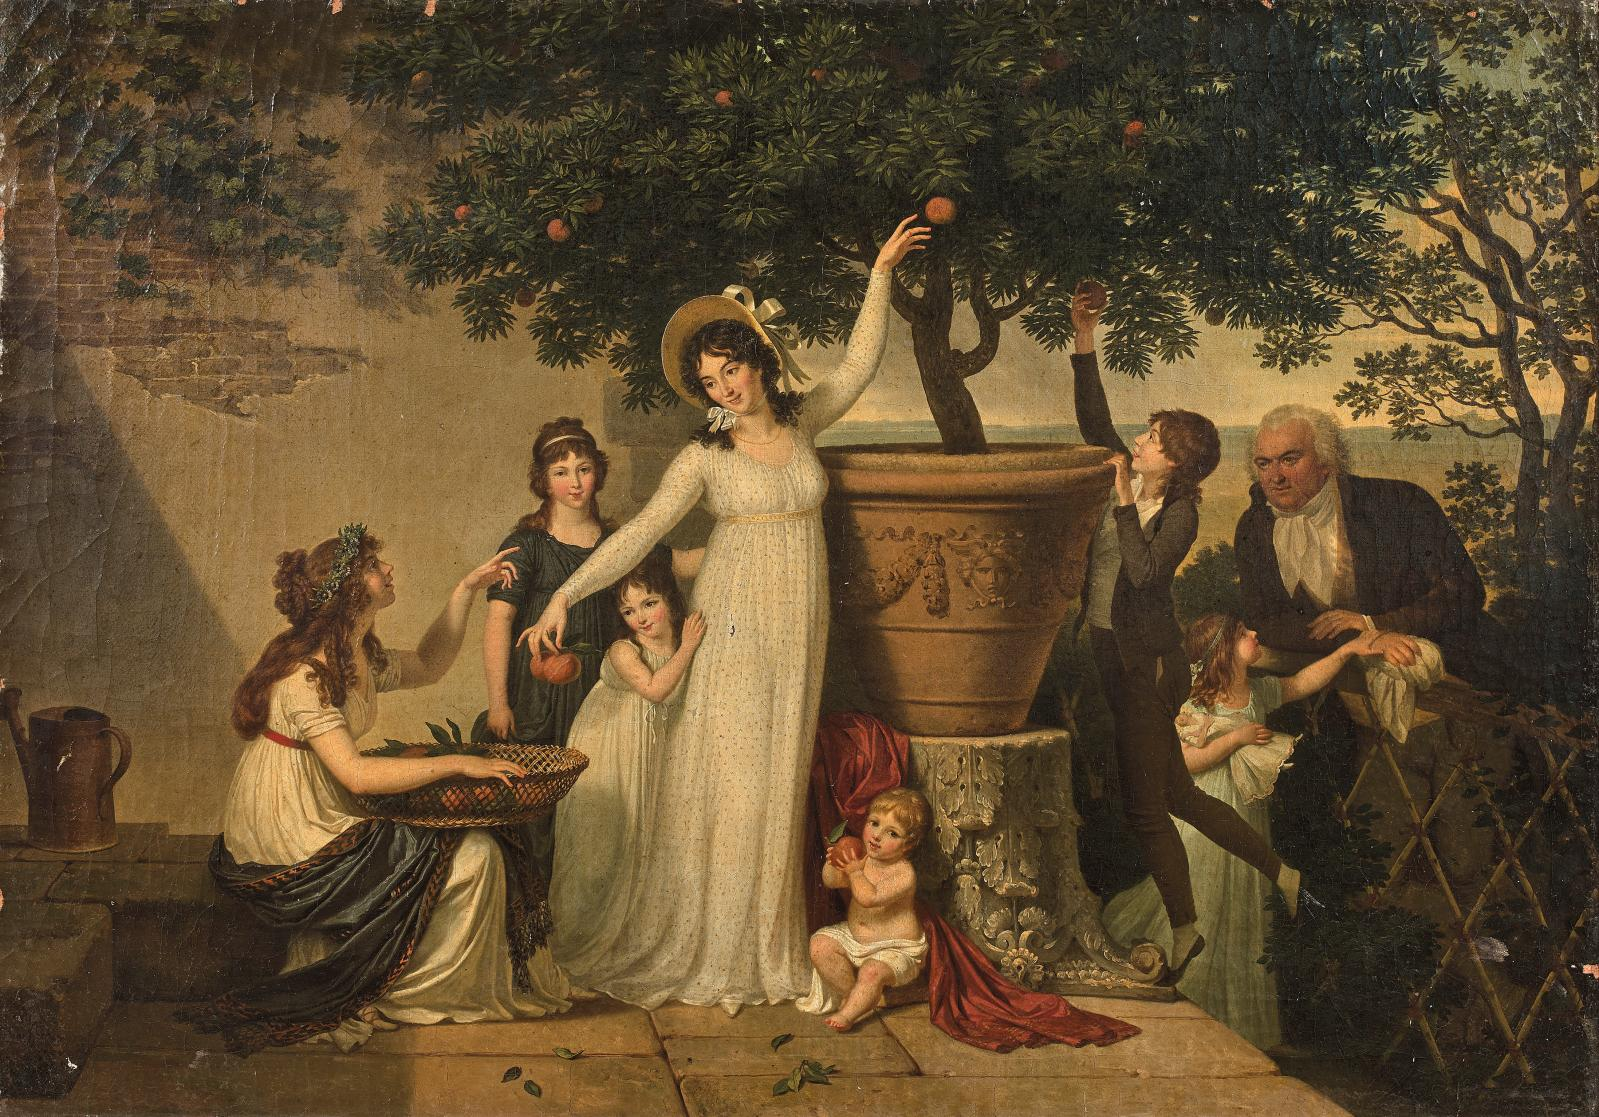 Louis Gauffier (1762-1801), La Cueillette des oranges ou Réunion de famille d'un diplomate accrédité en Italie sous le Directoire, 1797-17